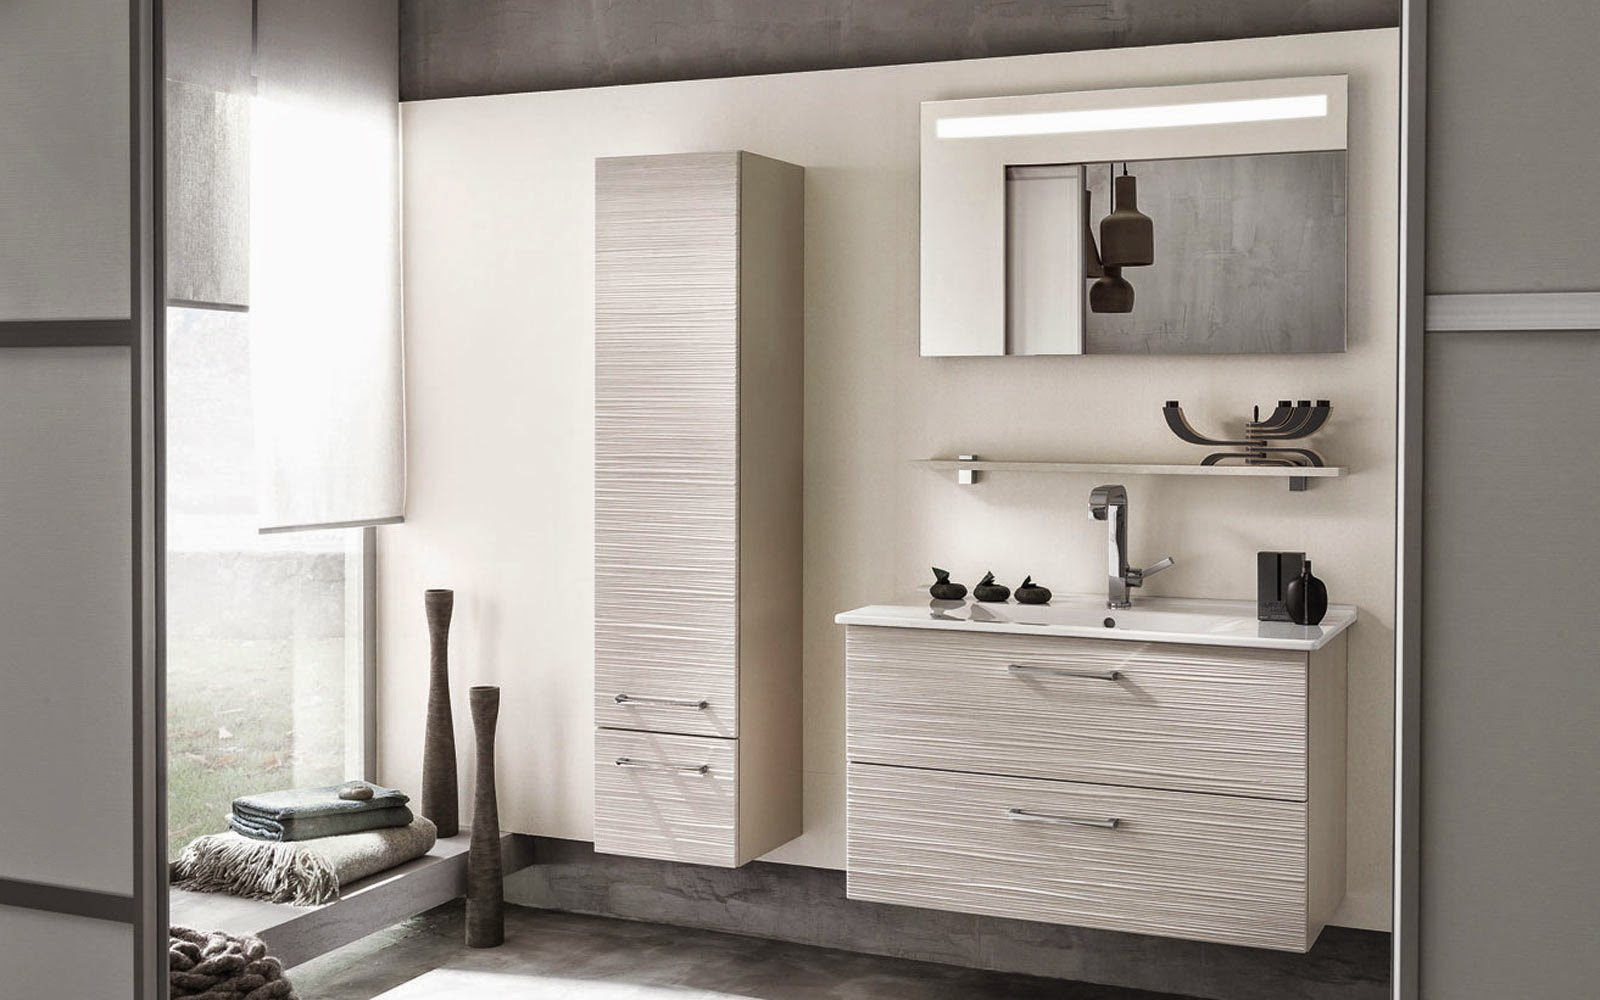 meuble rangement salle de bain blanc meuble d coration maison. Black Bedroom Furniture Sets. Home Design Ideas